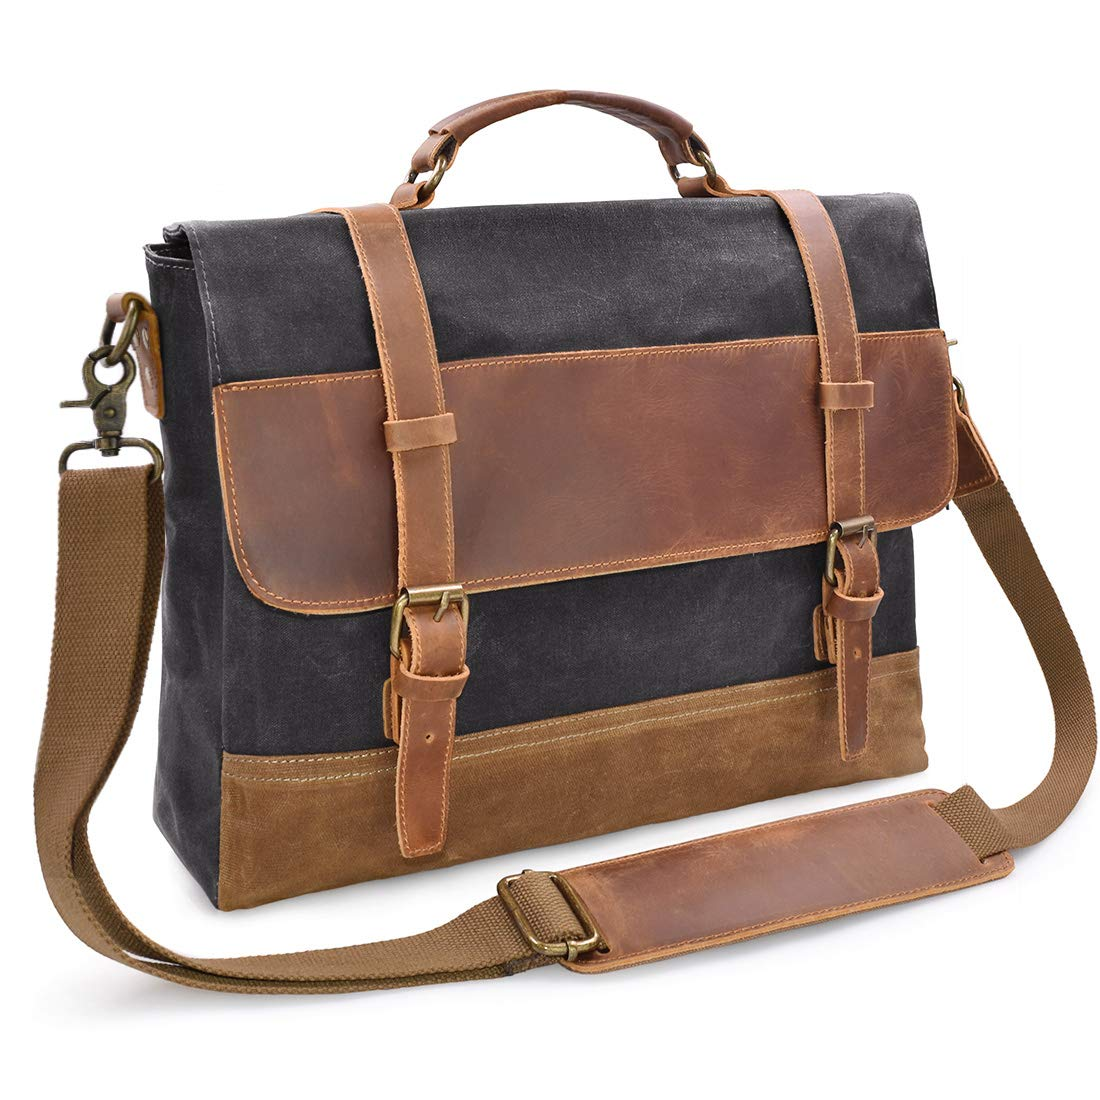 Mens Messenger Bag 15.6 inch Waterproof Vintage Genuine Leather Waxed Canvas Briefcase Large Satchel Shoulder Bag Rugged Leather Computer Laptop Bag Grey